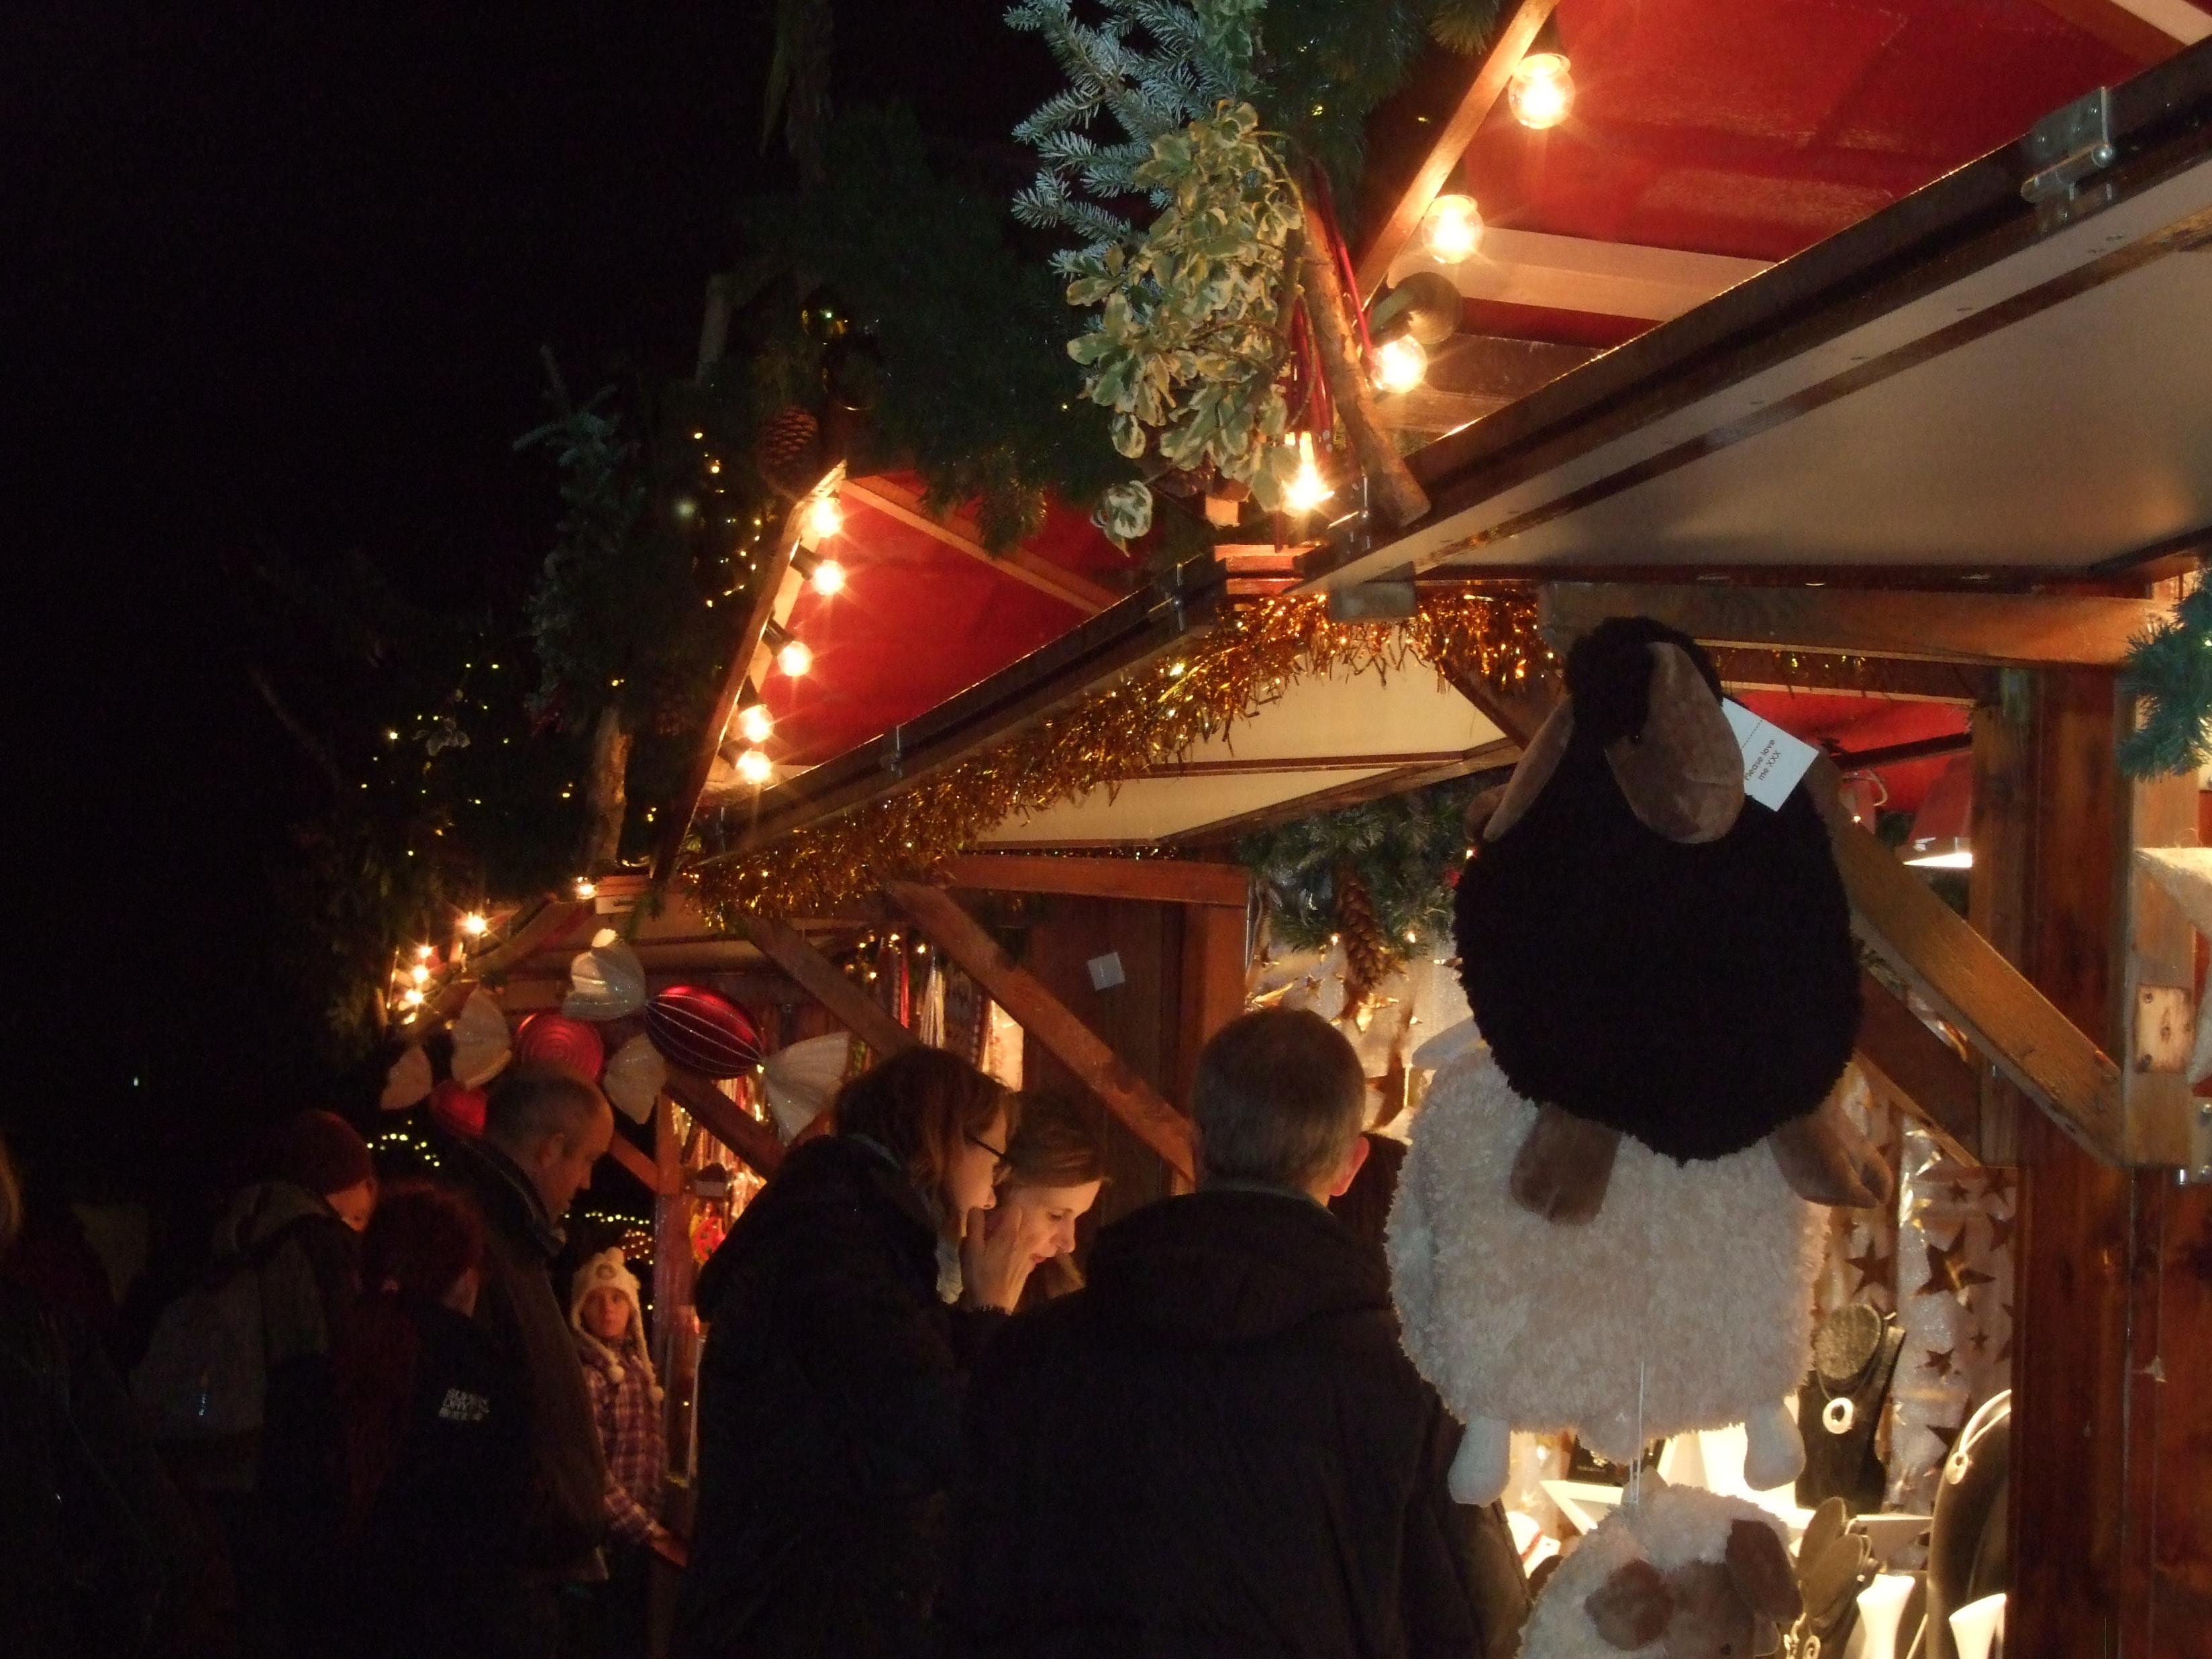 Buden auf einem Hamburger Weihnachtsmarkt